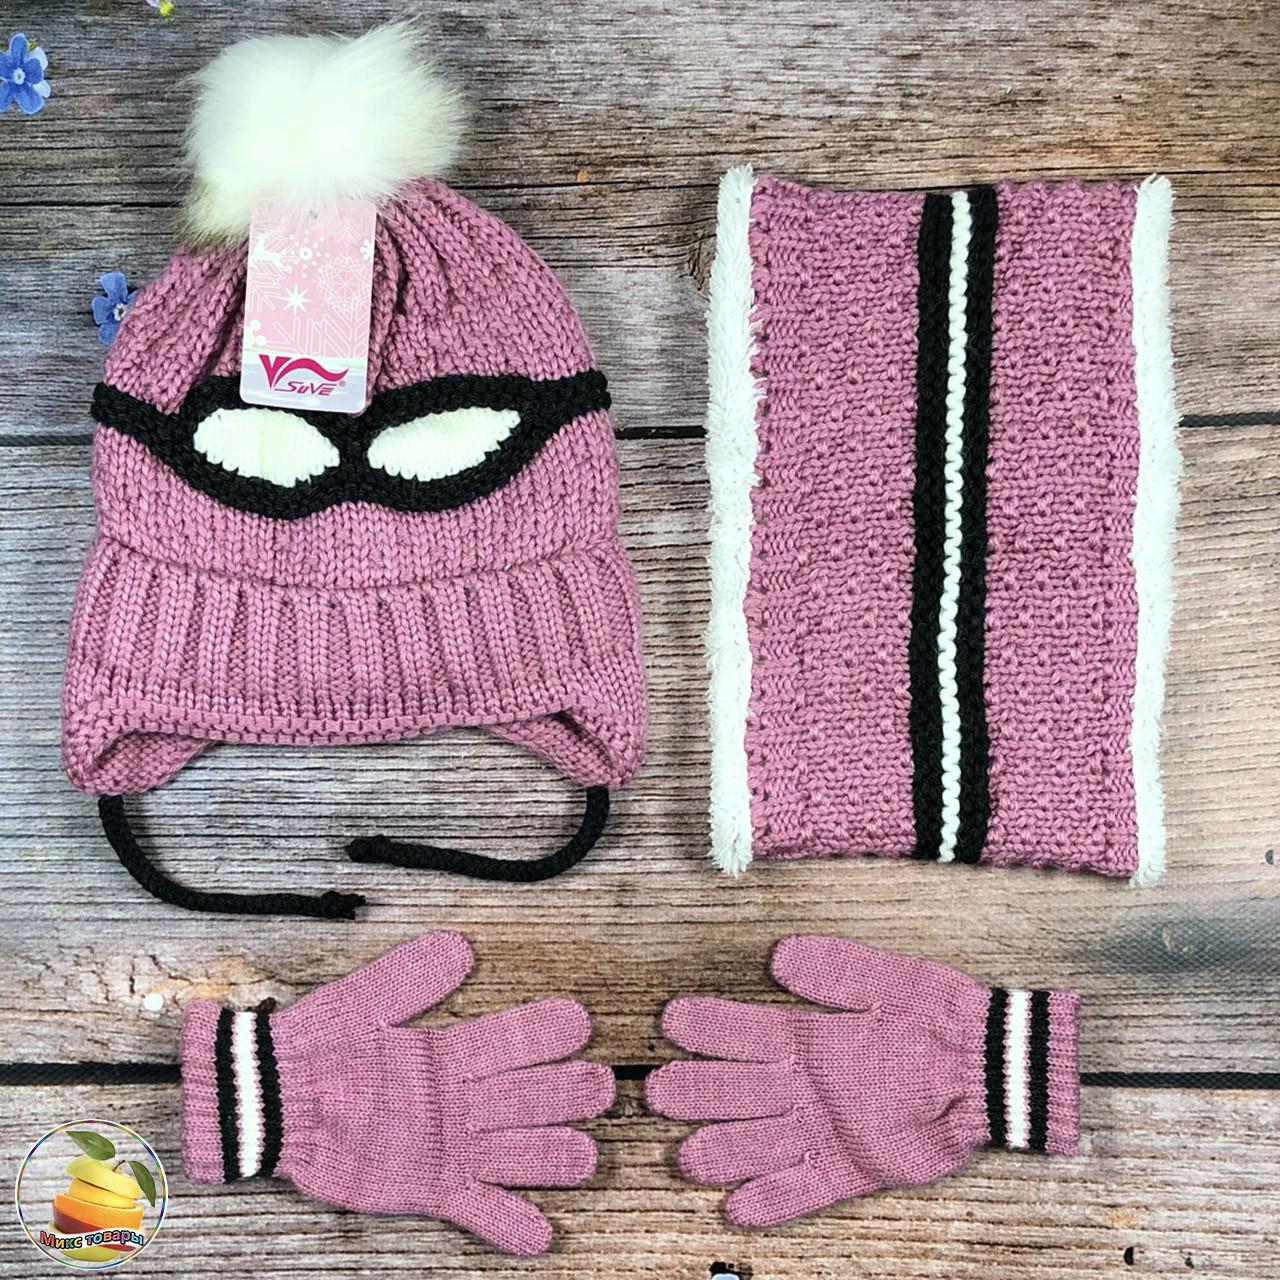 Турецький набір для дитини - шапка, баф і рукавички Розмір: 3 - 6 років (21027)